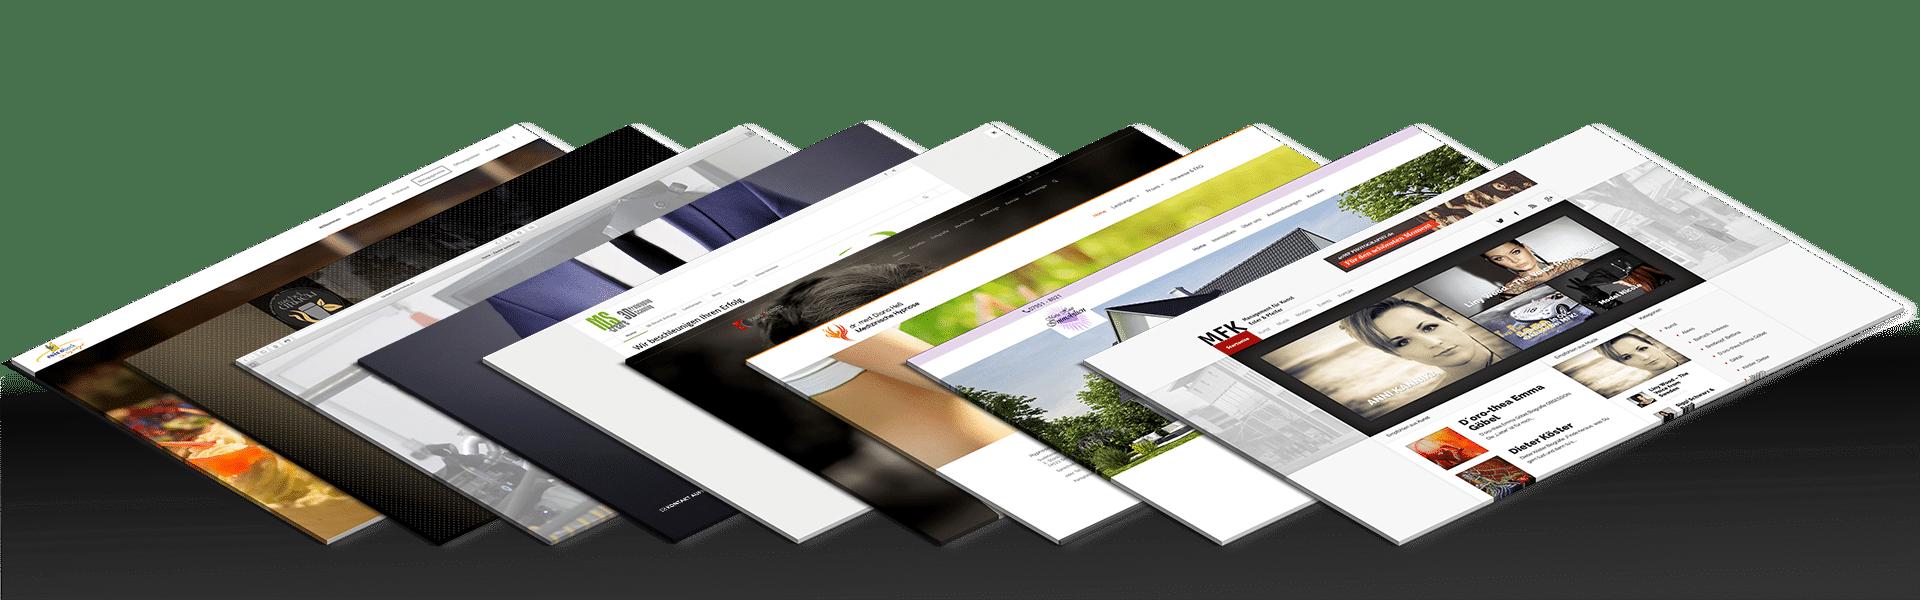 Auswahl erstellter Webseiten